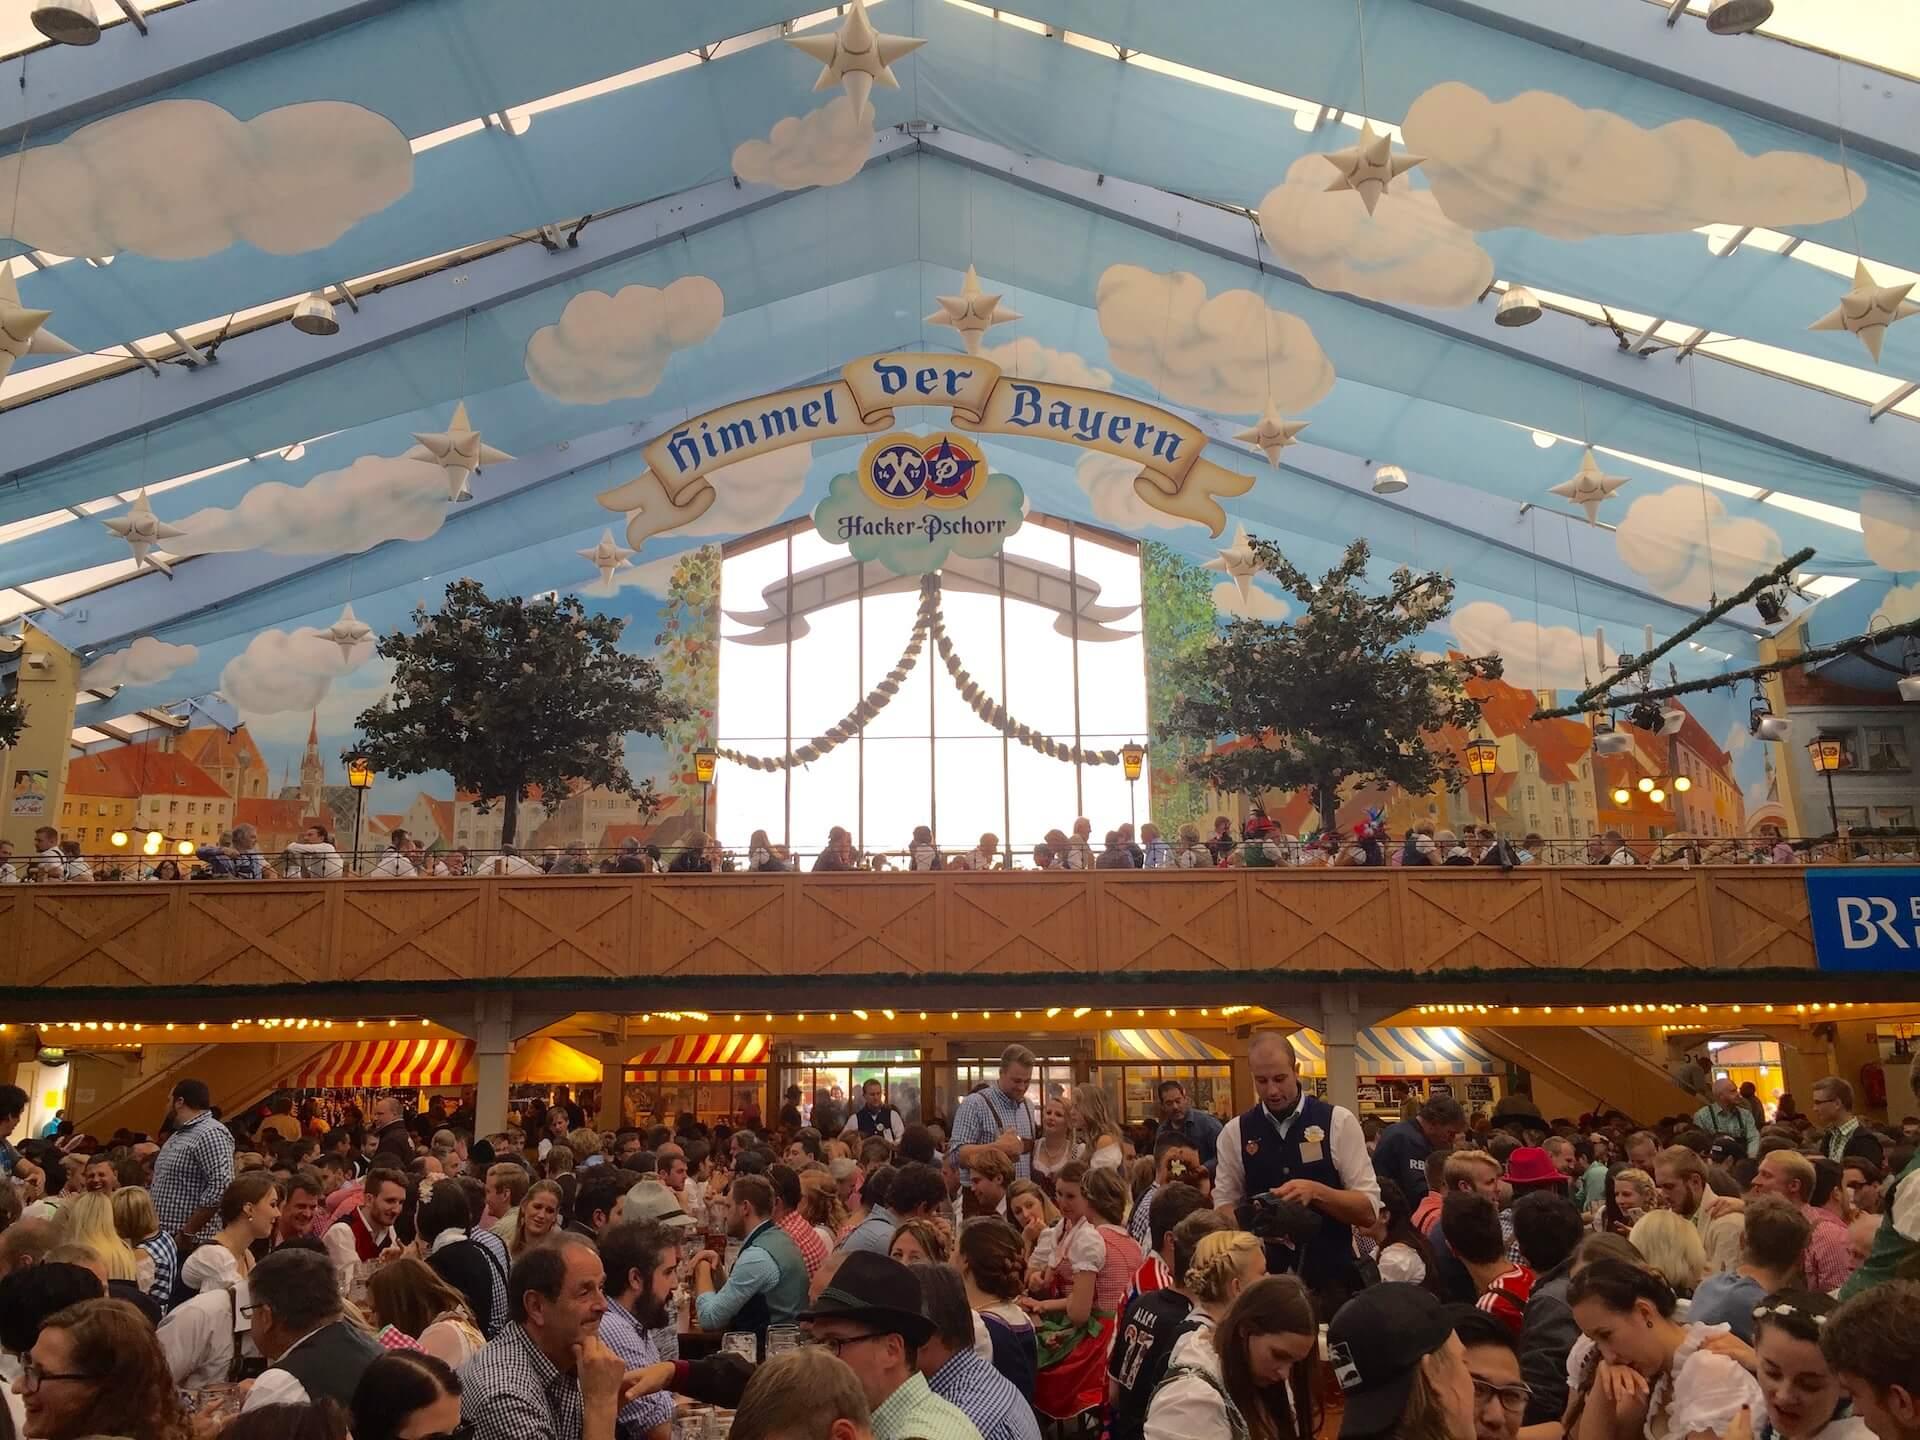 Oktoberfest Beer Tent - Hacker